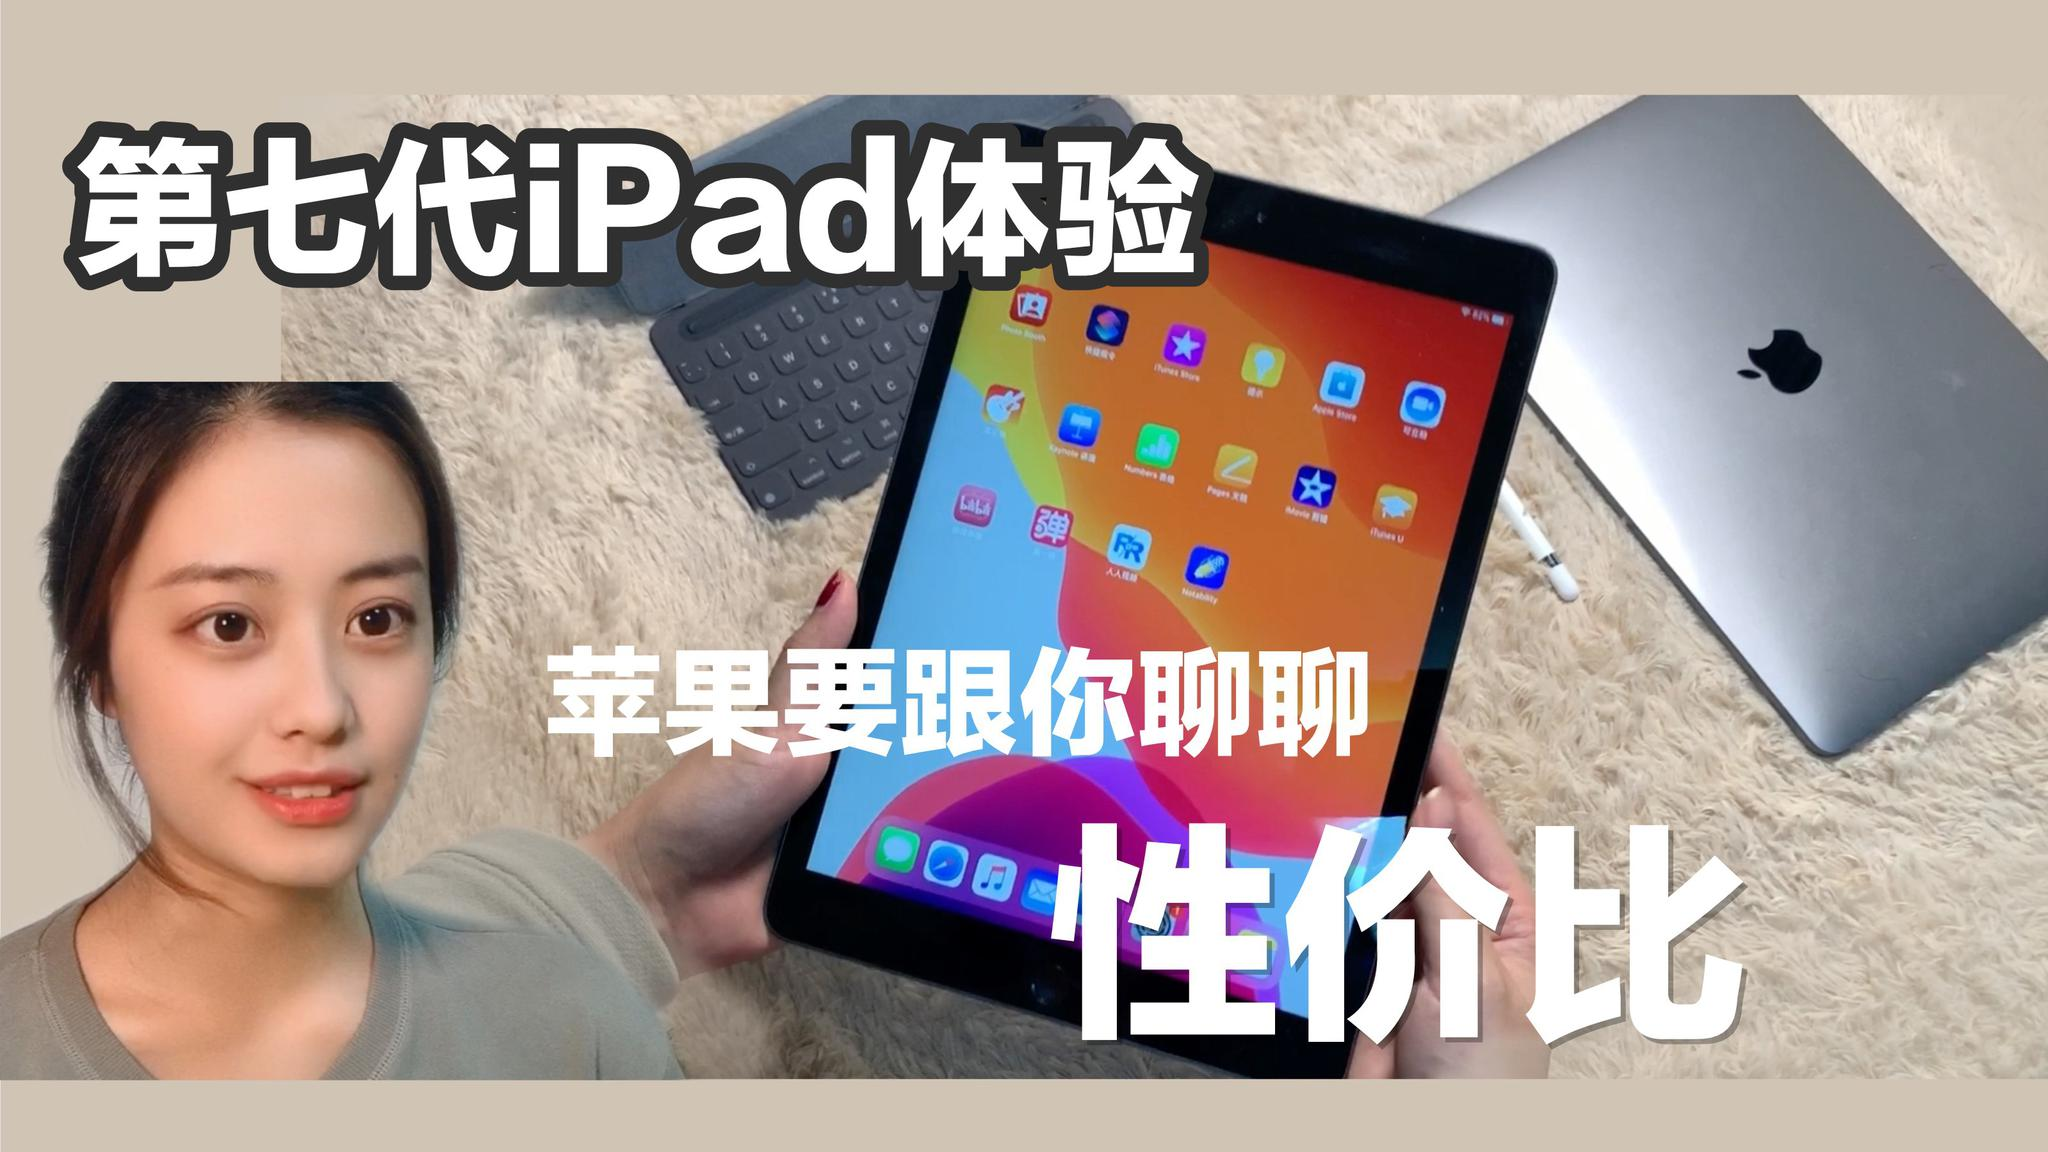 第七代iPad体验:苹果要跟你能聊聊性价比